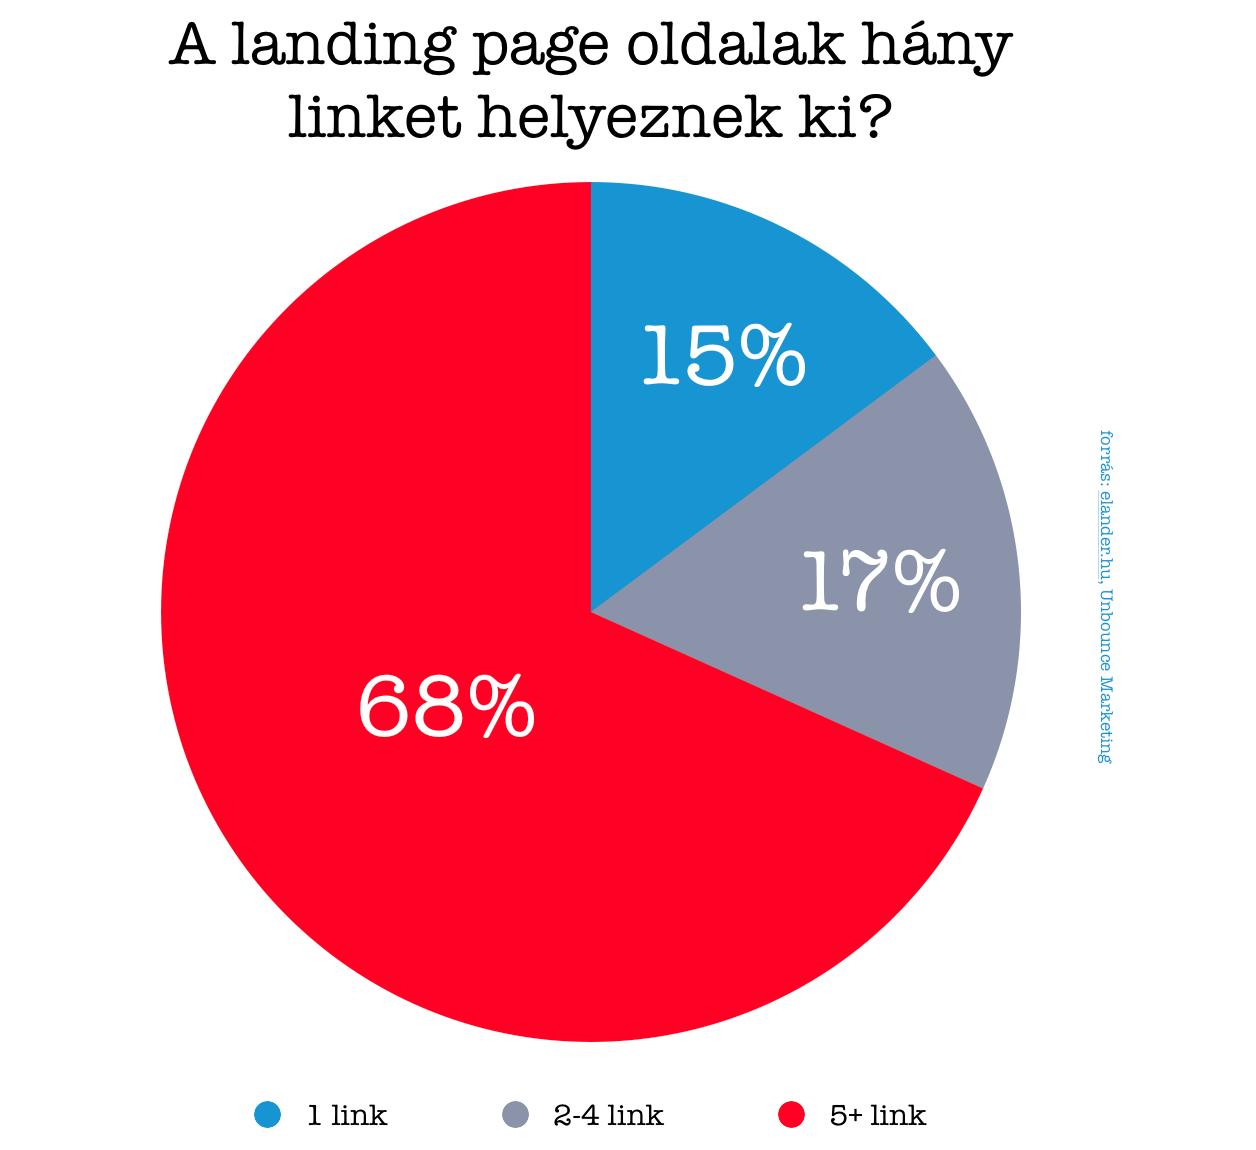 hány linket helyeznek el a landing page oldalak